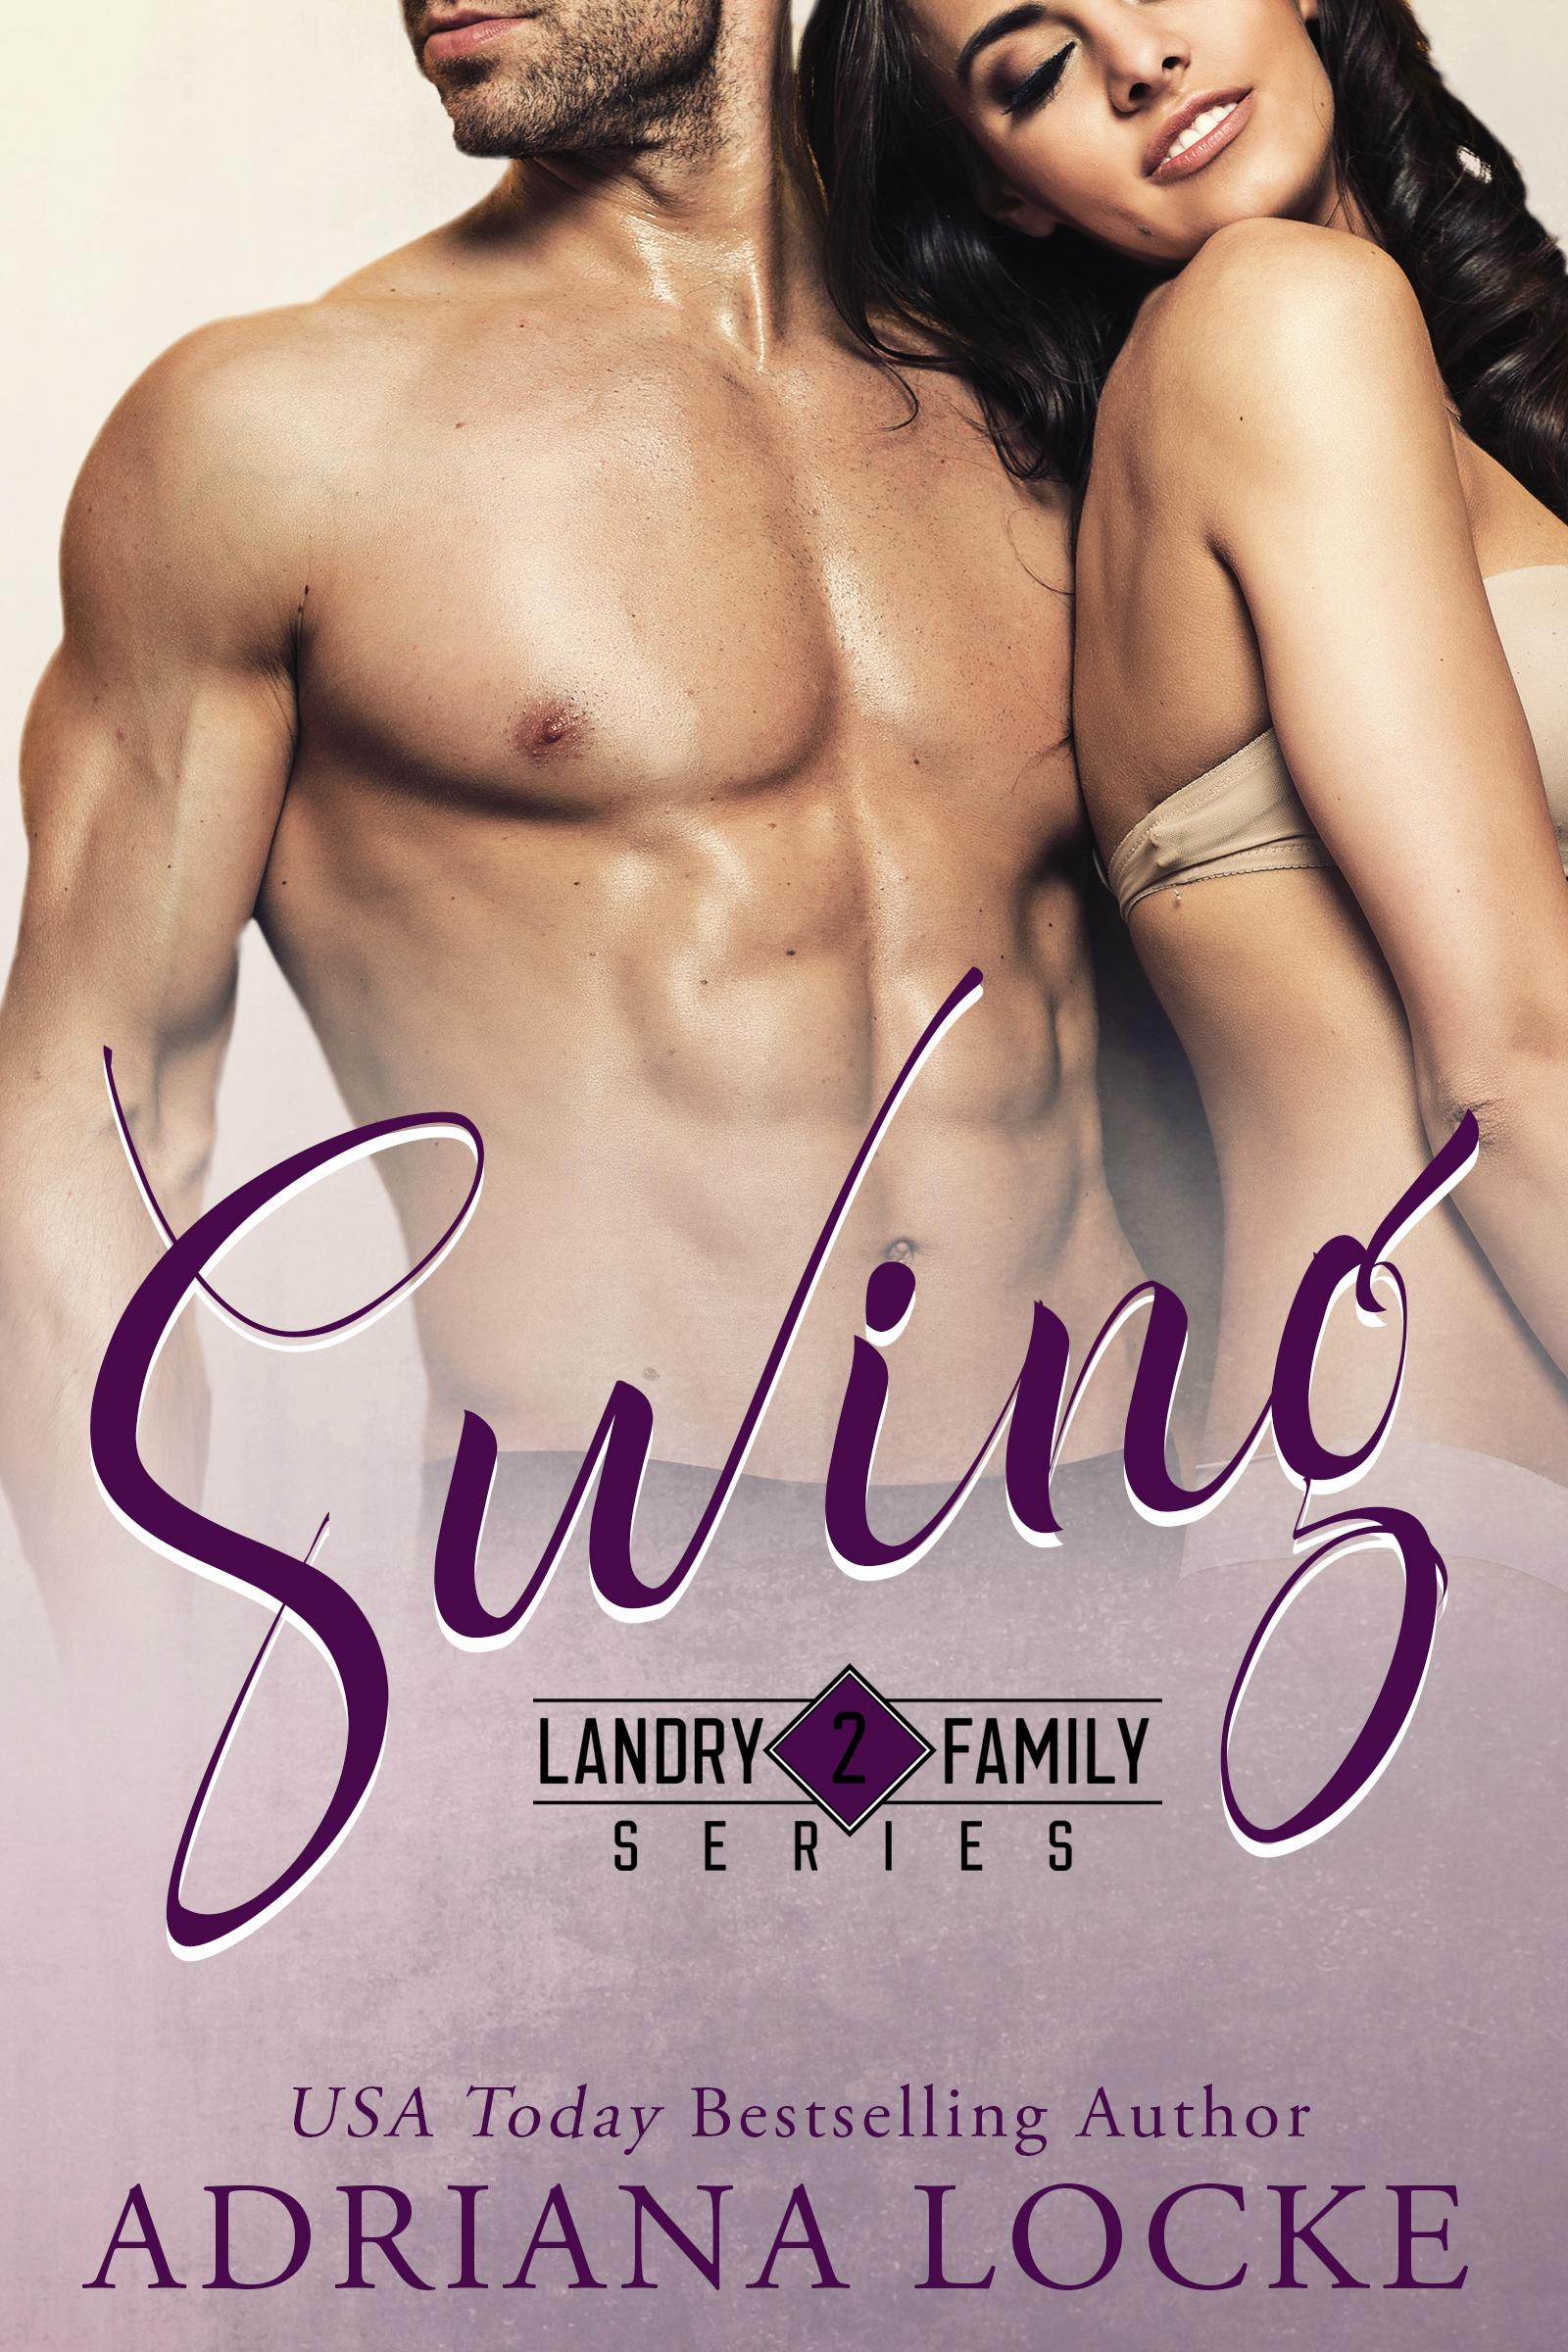 Swing Ebook Cover.jpg